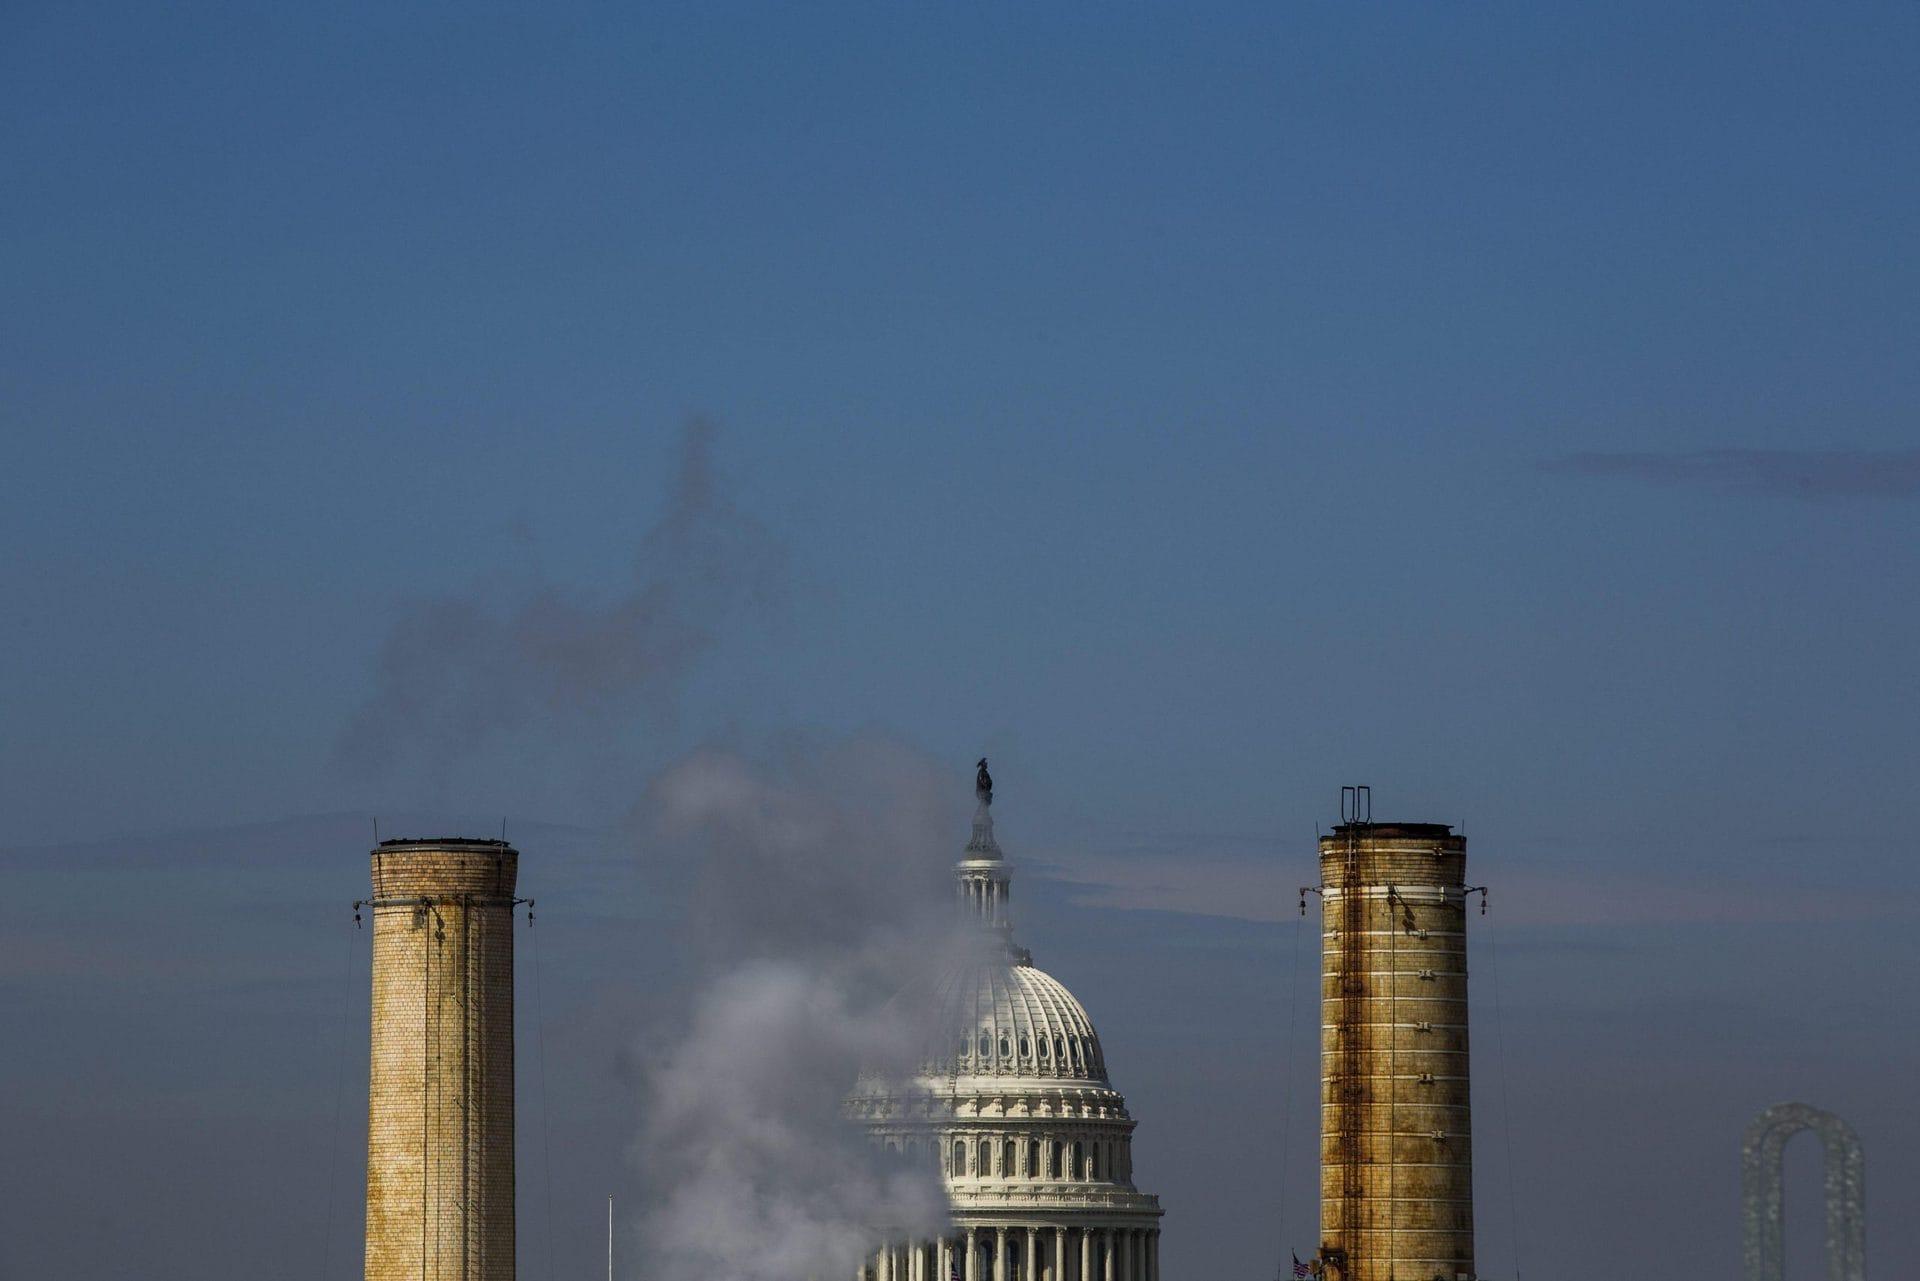 USA offiziell wieder Mitglied des Pariser Klimaabkommens Klimaschutz